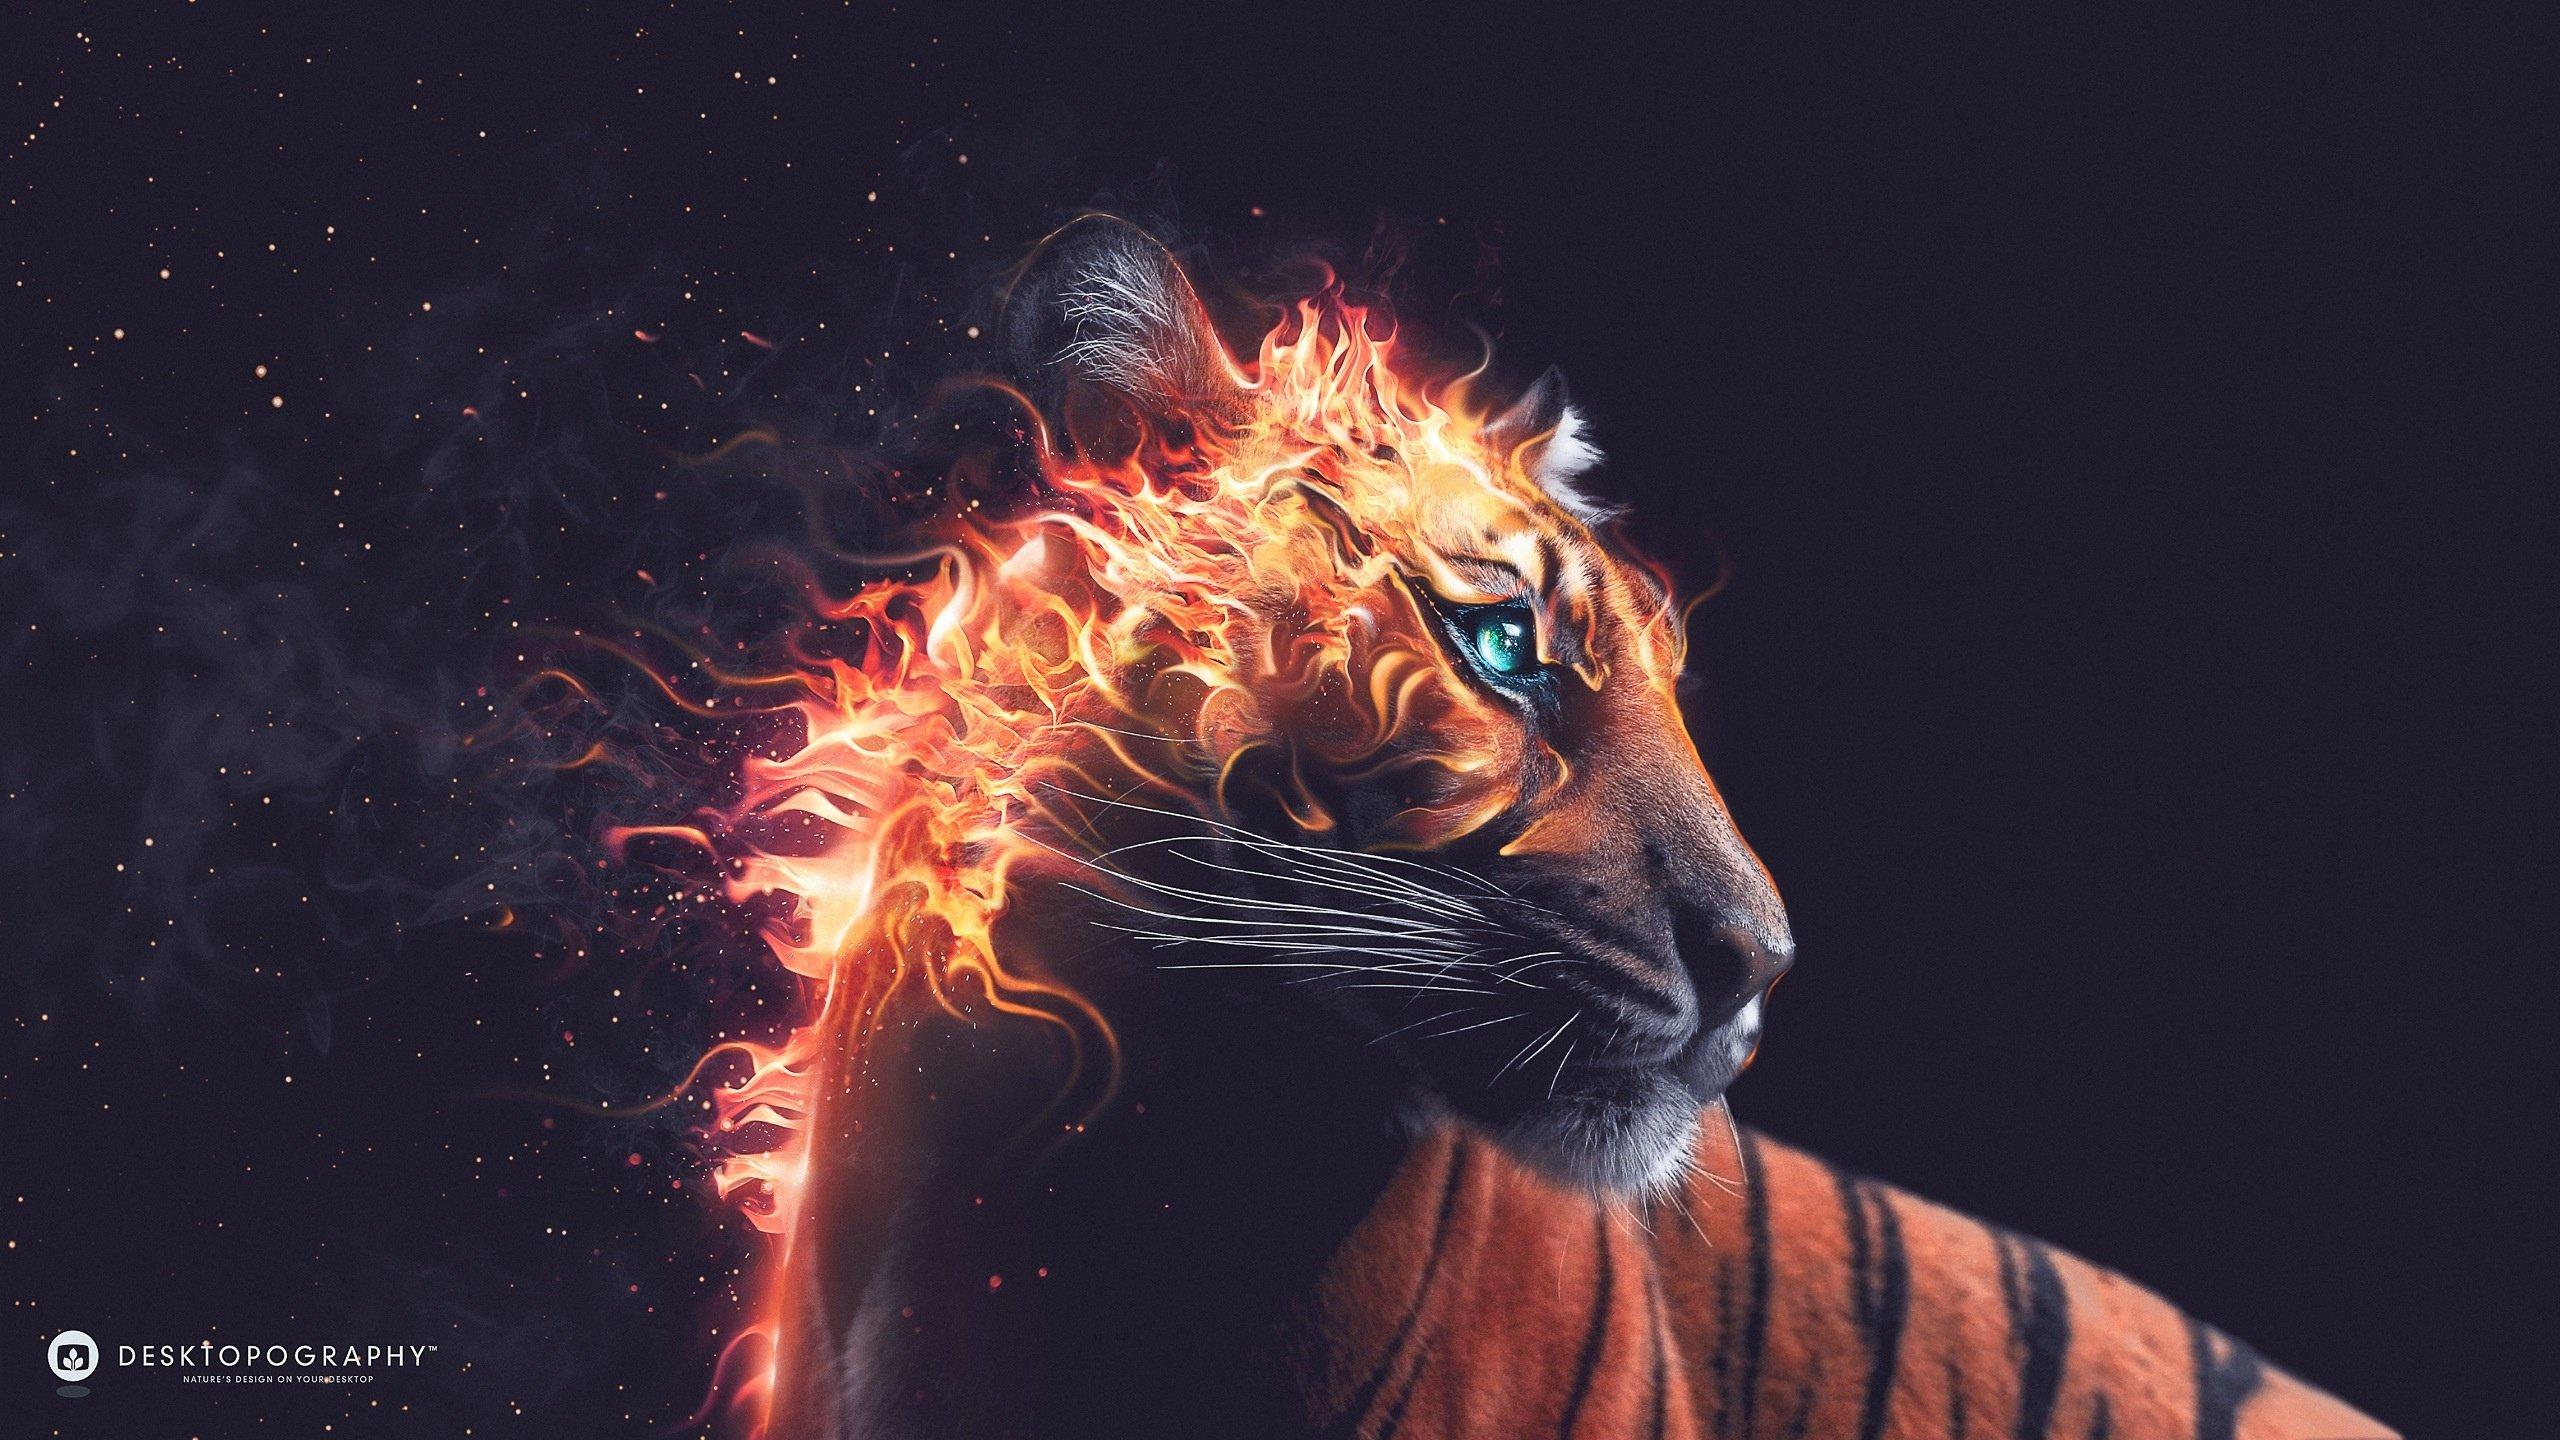 Fire Tiger Fantasy Blue Eyes Animal Wallpaper 2560x1440